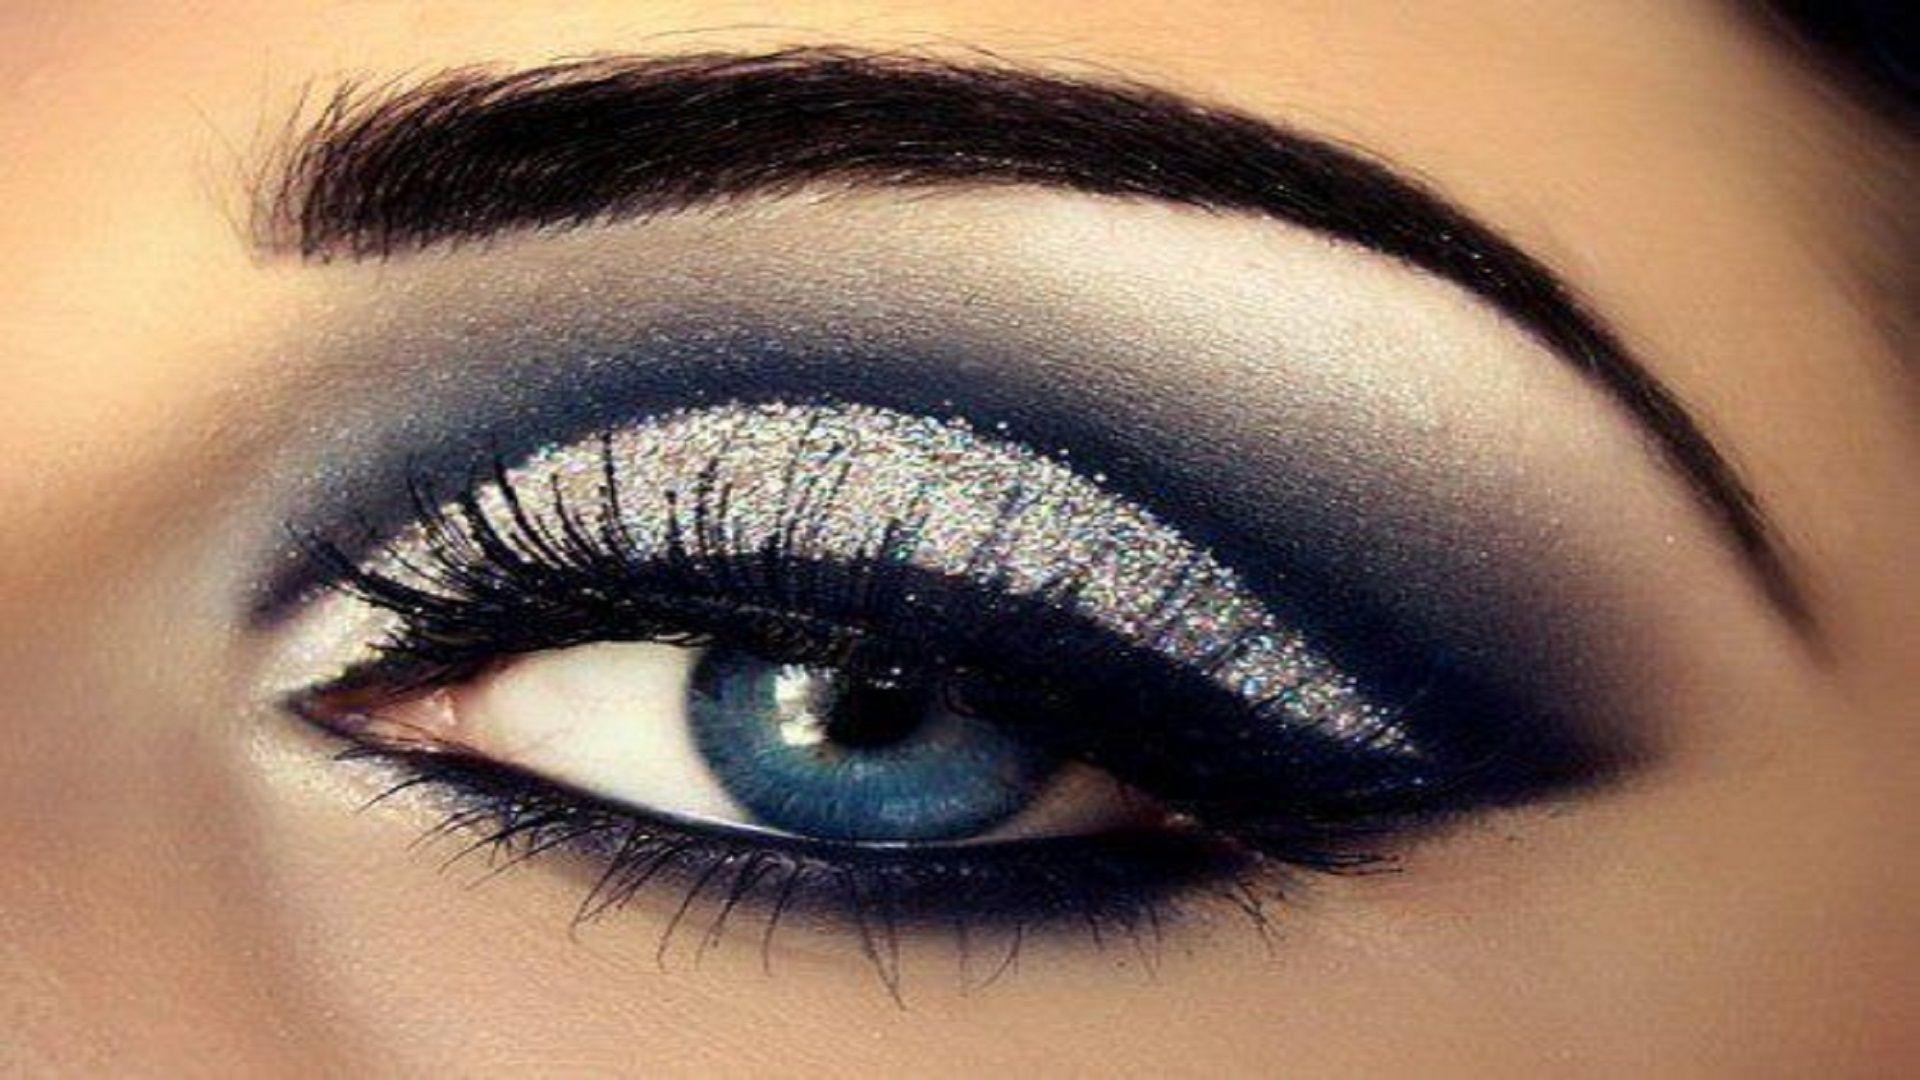 Beautiful Eyes Makeup Hd Free Wallpapers Dramatic Eye Makeup